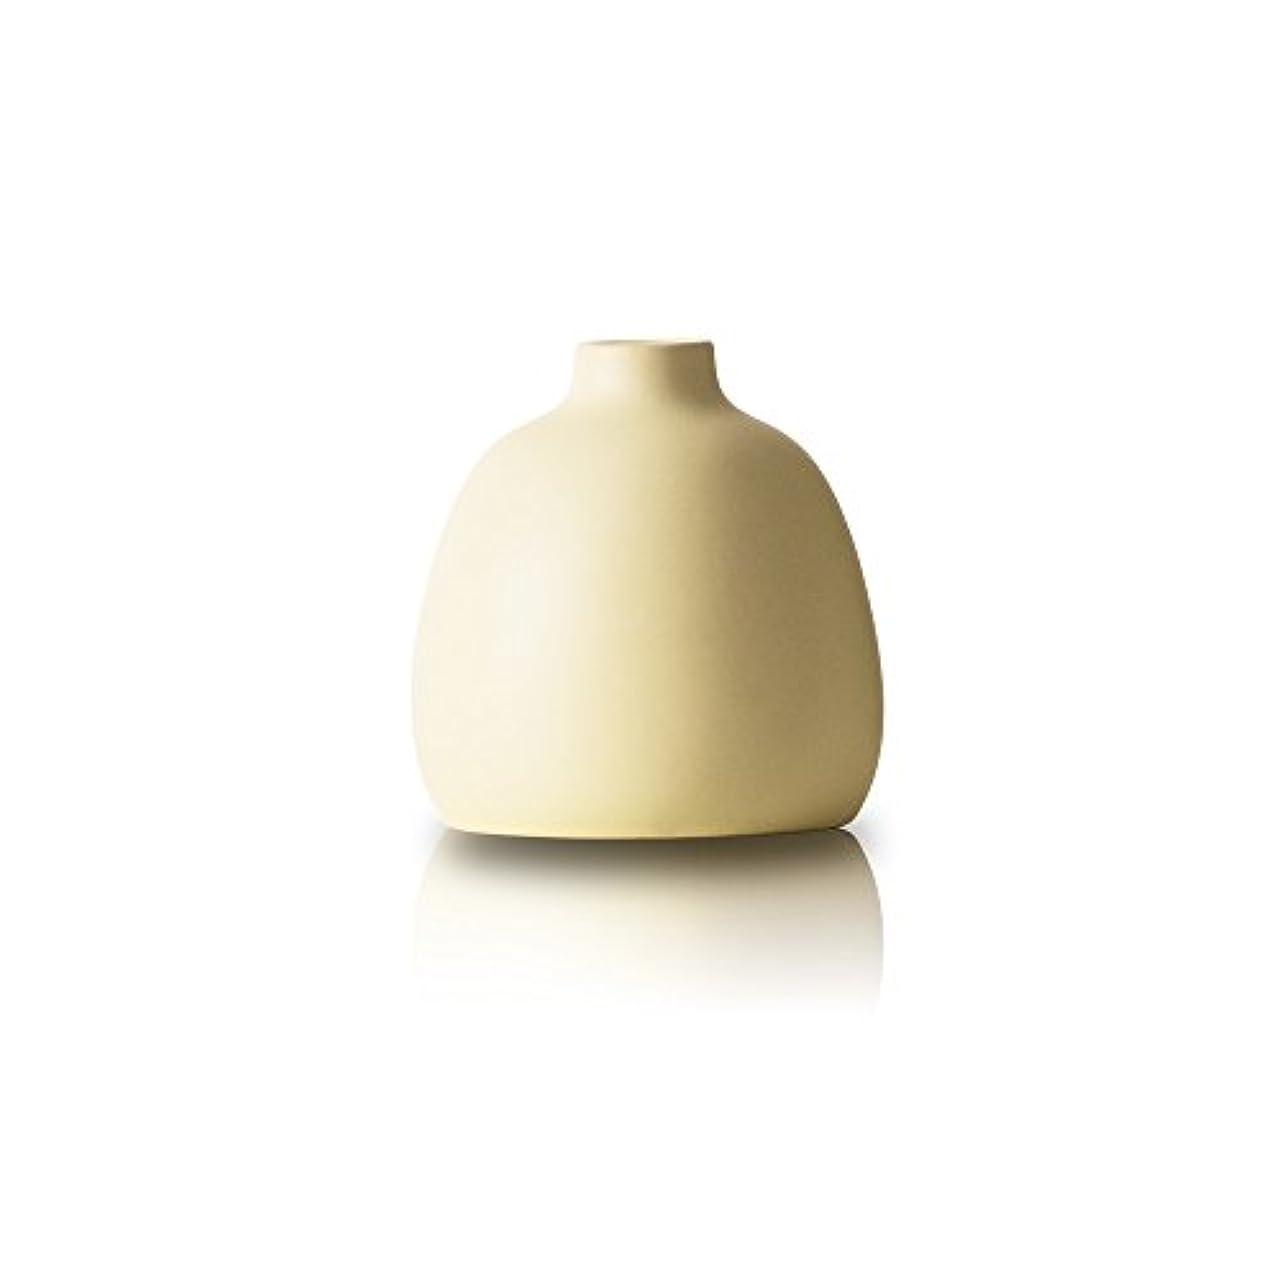 羊デジタルジュニアOnlili 陶器 アロマディフューザー イエロー